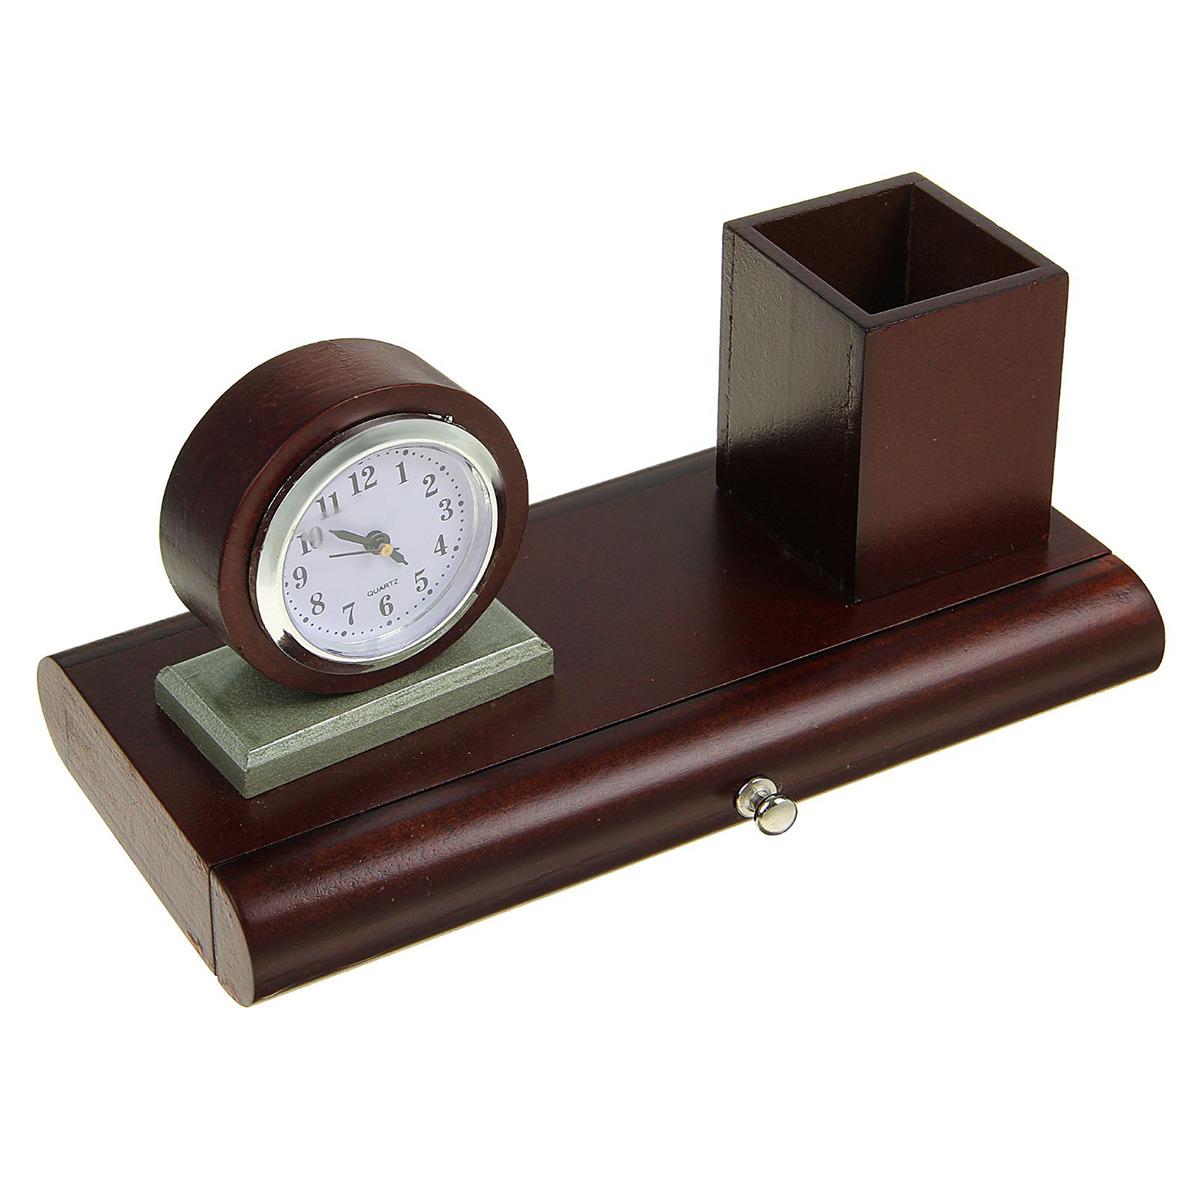 Канцелярский набор Часы 3 в 1, 1770852, коричневый, 10 х 22,5 см